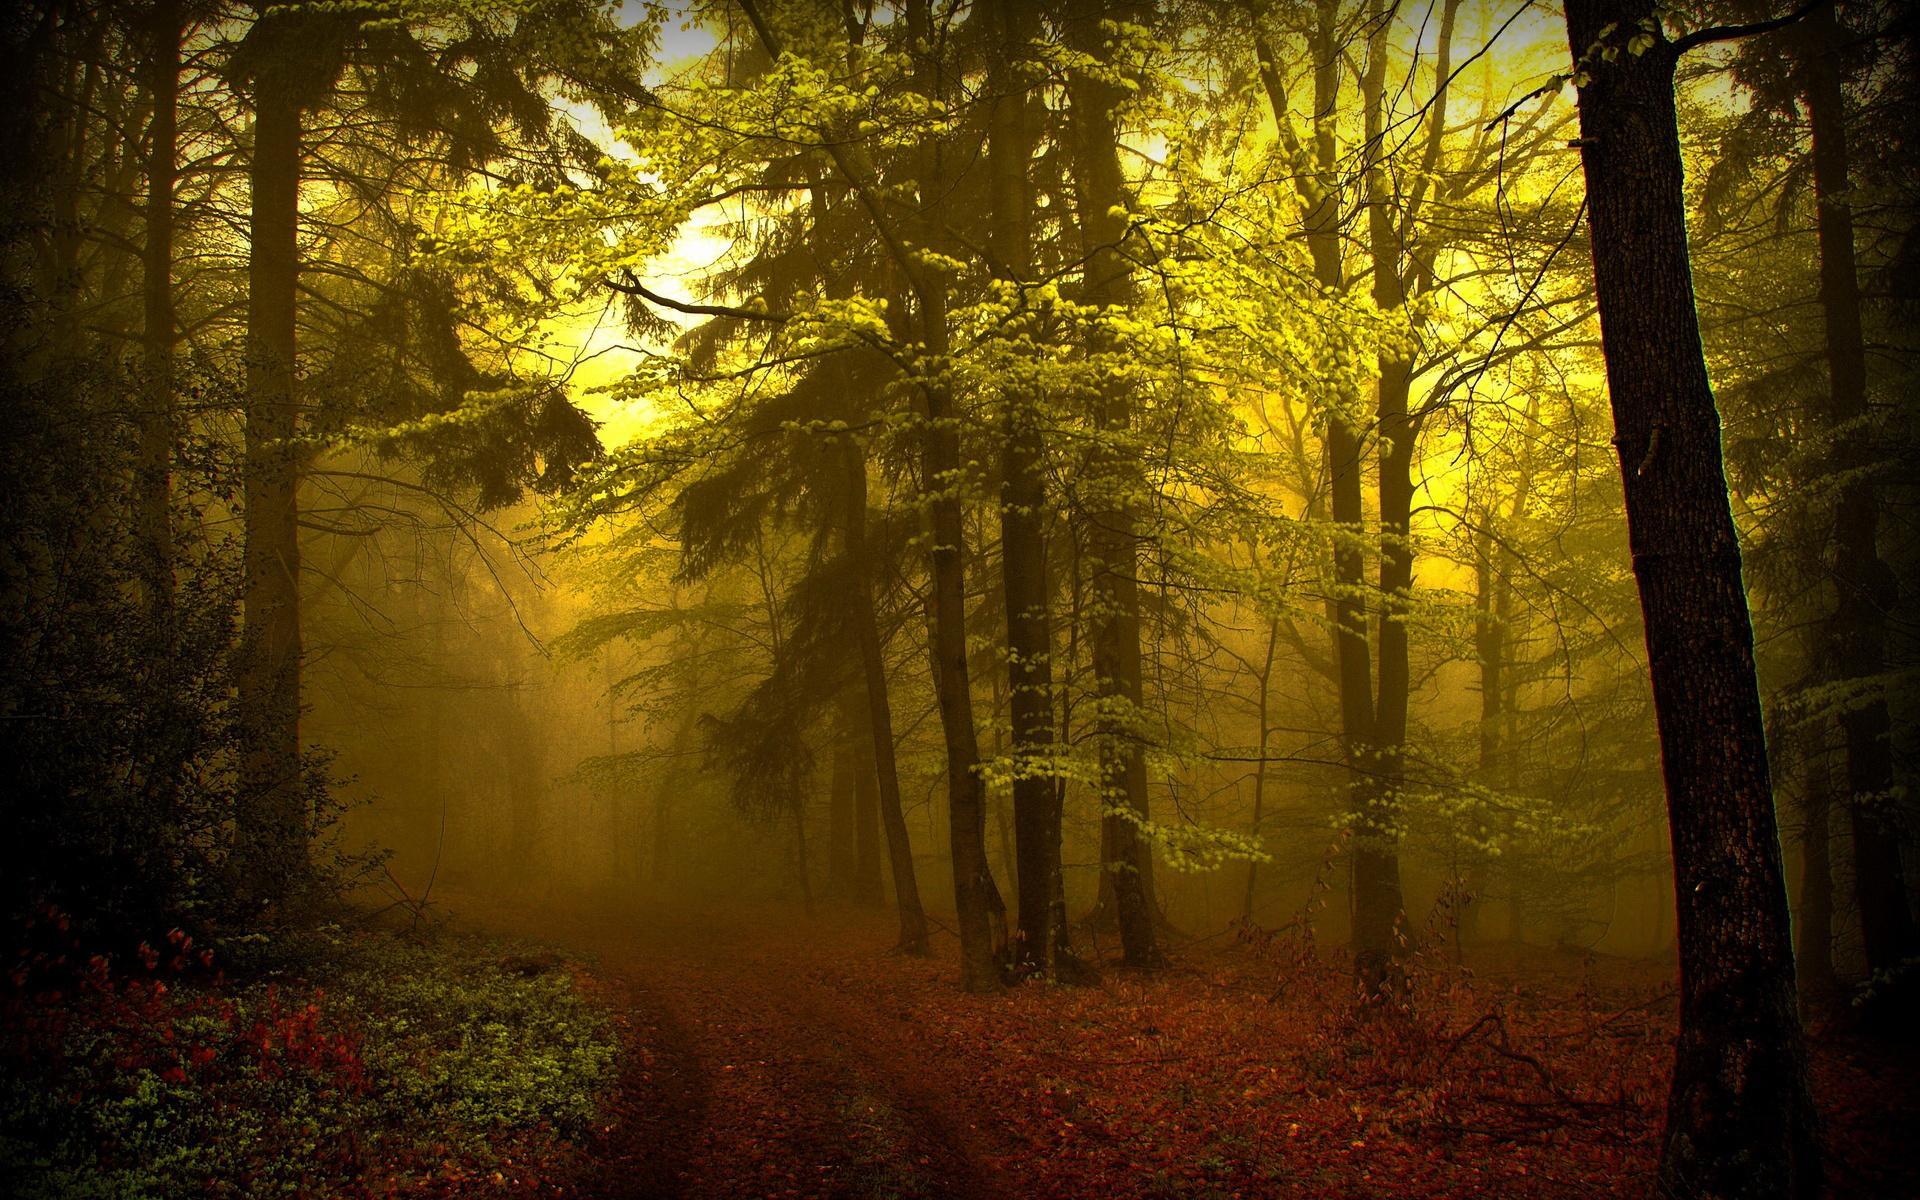 сумерки в лесу, желтая дымка, лес, скачать фото